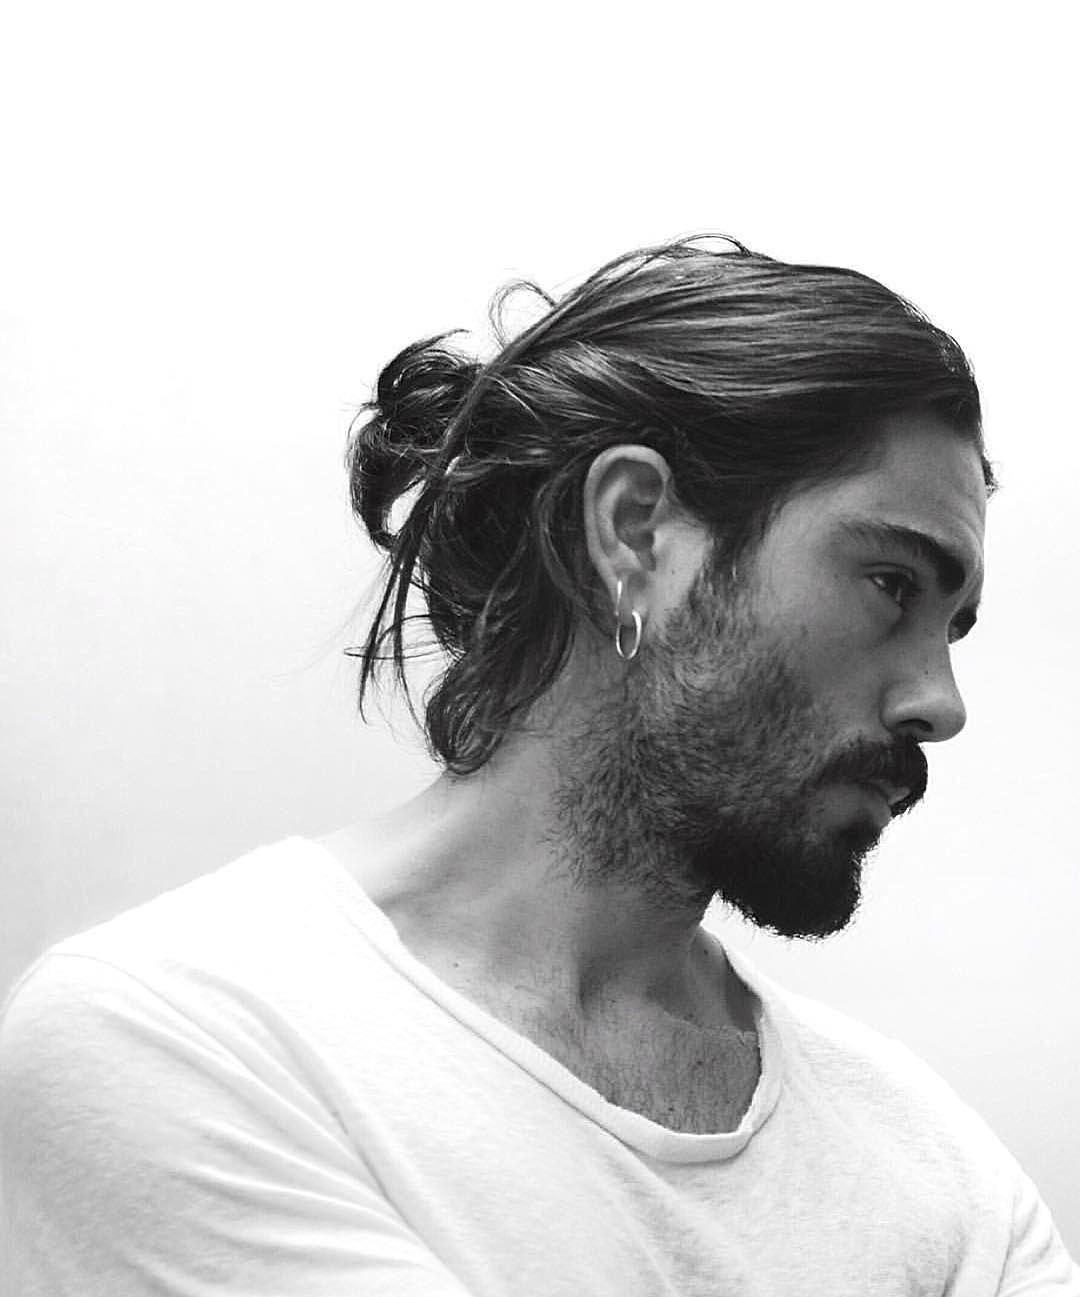 19 hommes qui vous feront oublier les mecs aux cheveux courts   – Models